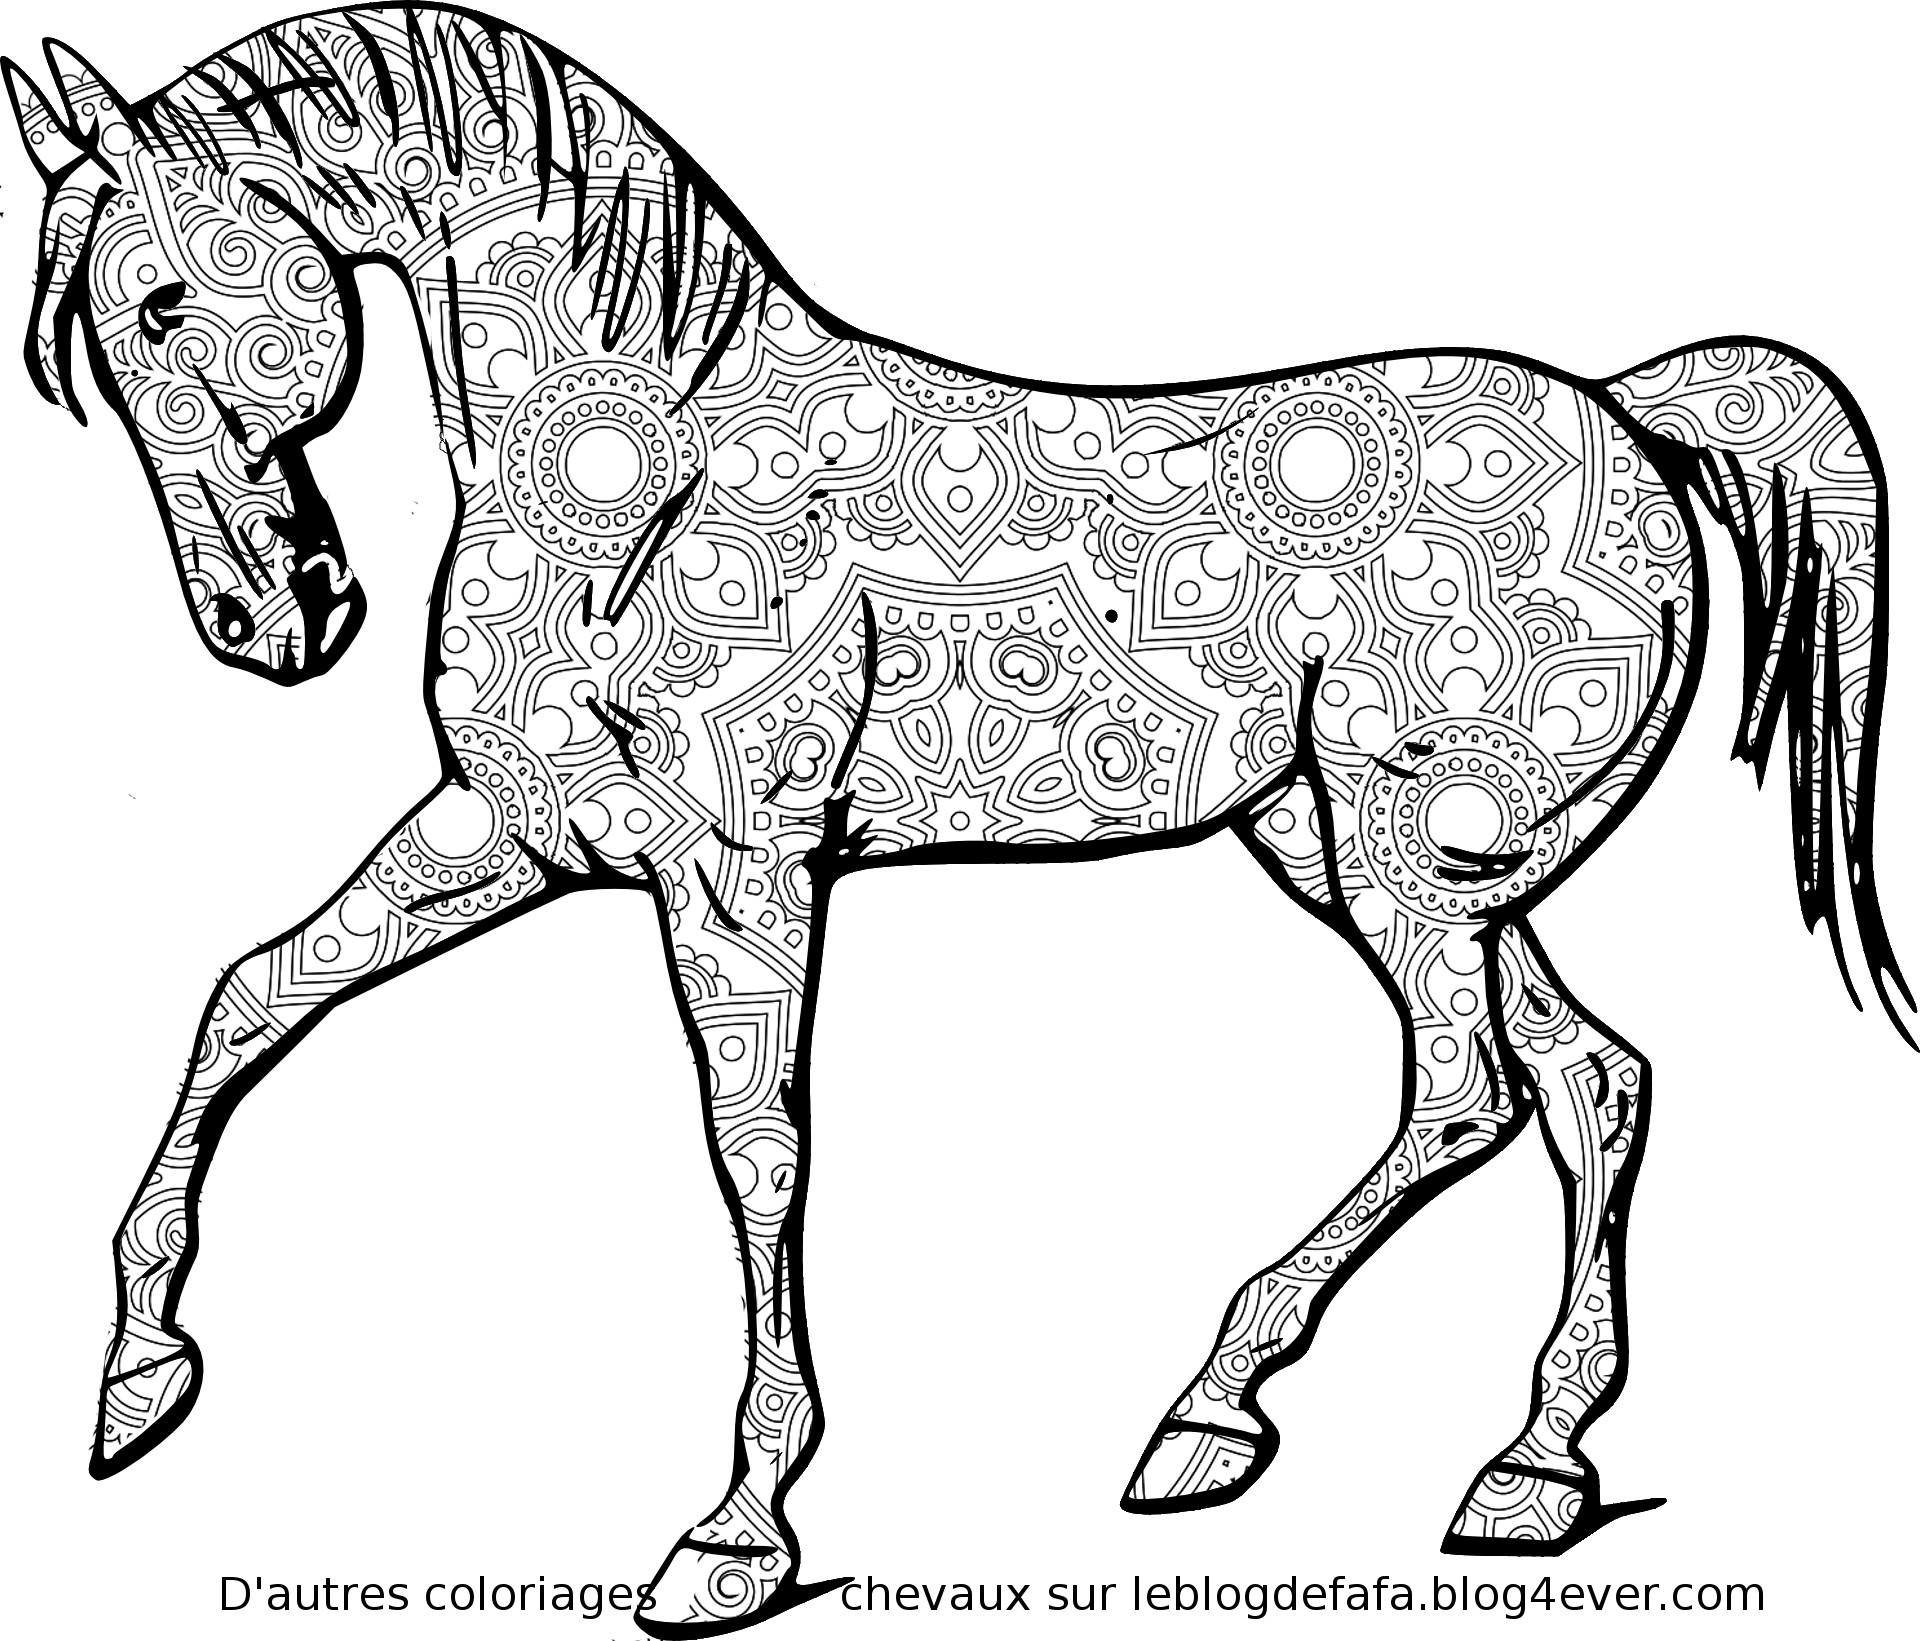 6 Mandalas Chevaux Gratuits A Imprimer Mandalas Horses Colorings Free To Print Le Blog Des Fans De Poneys Et De Chevaux